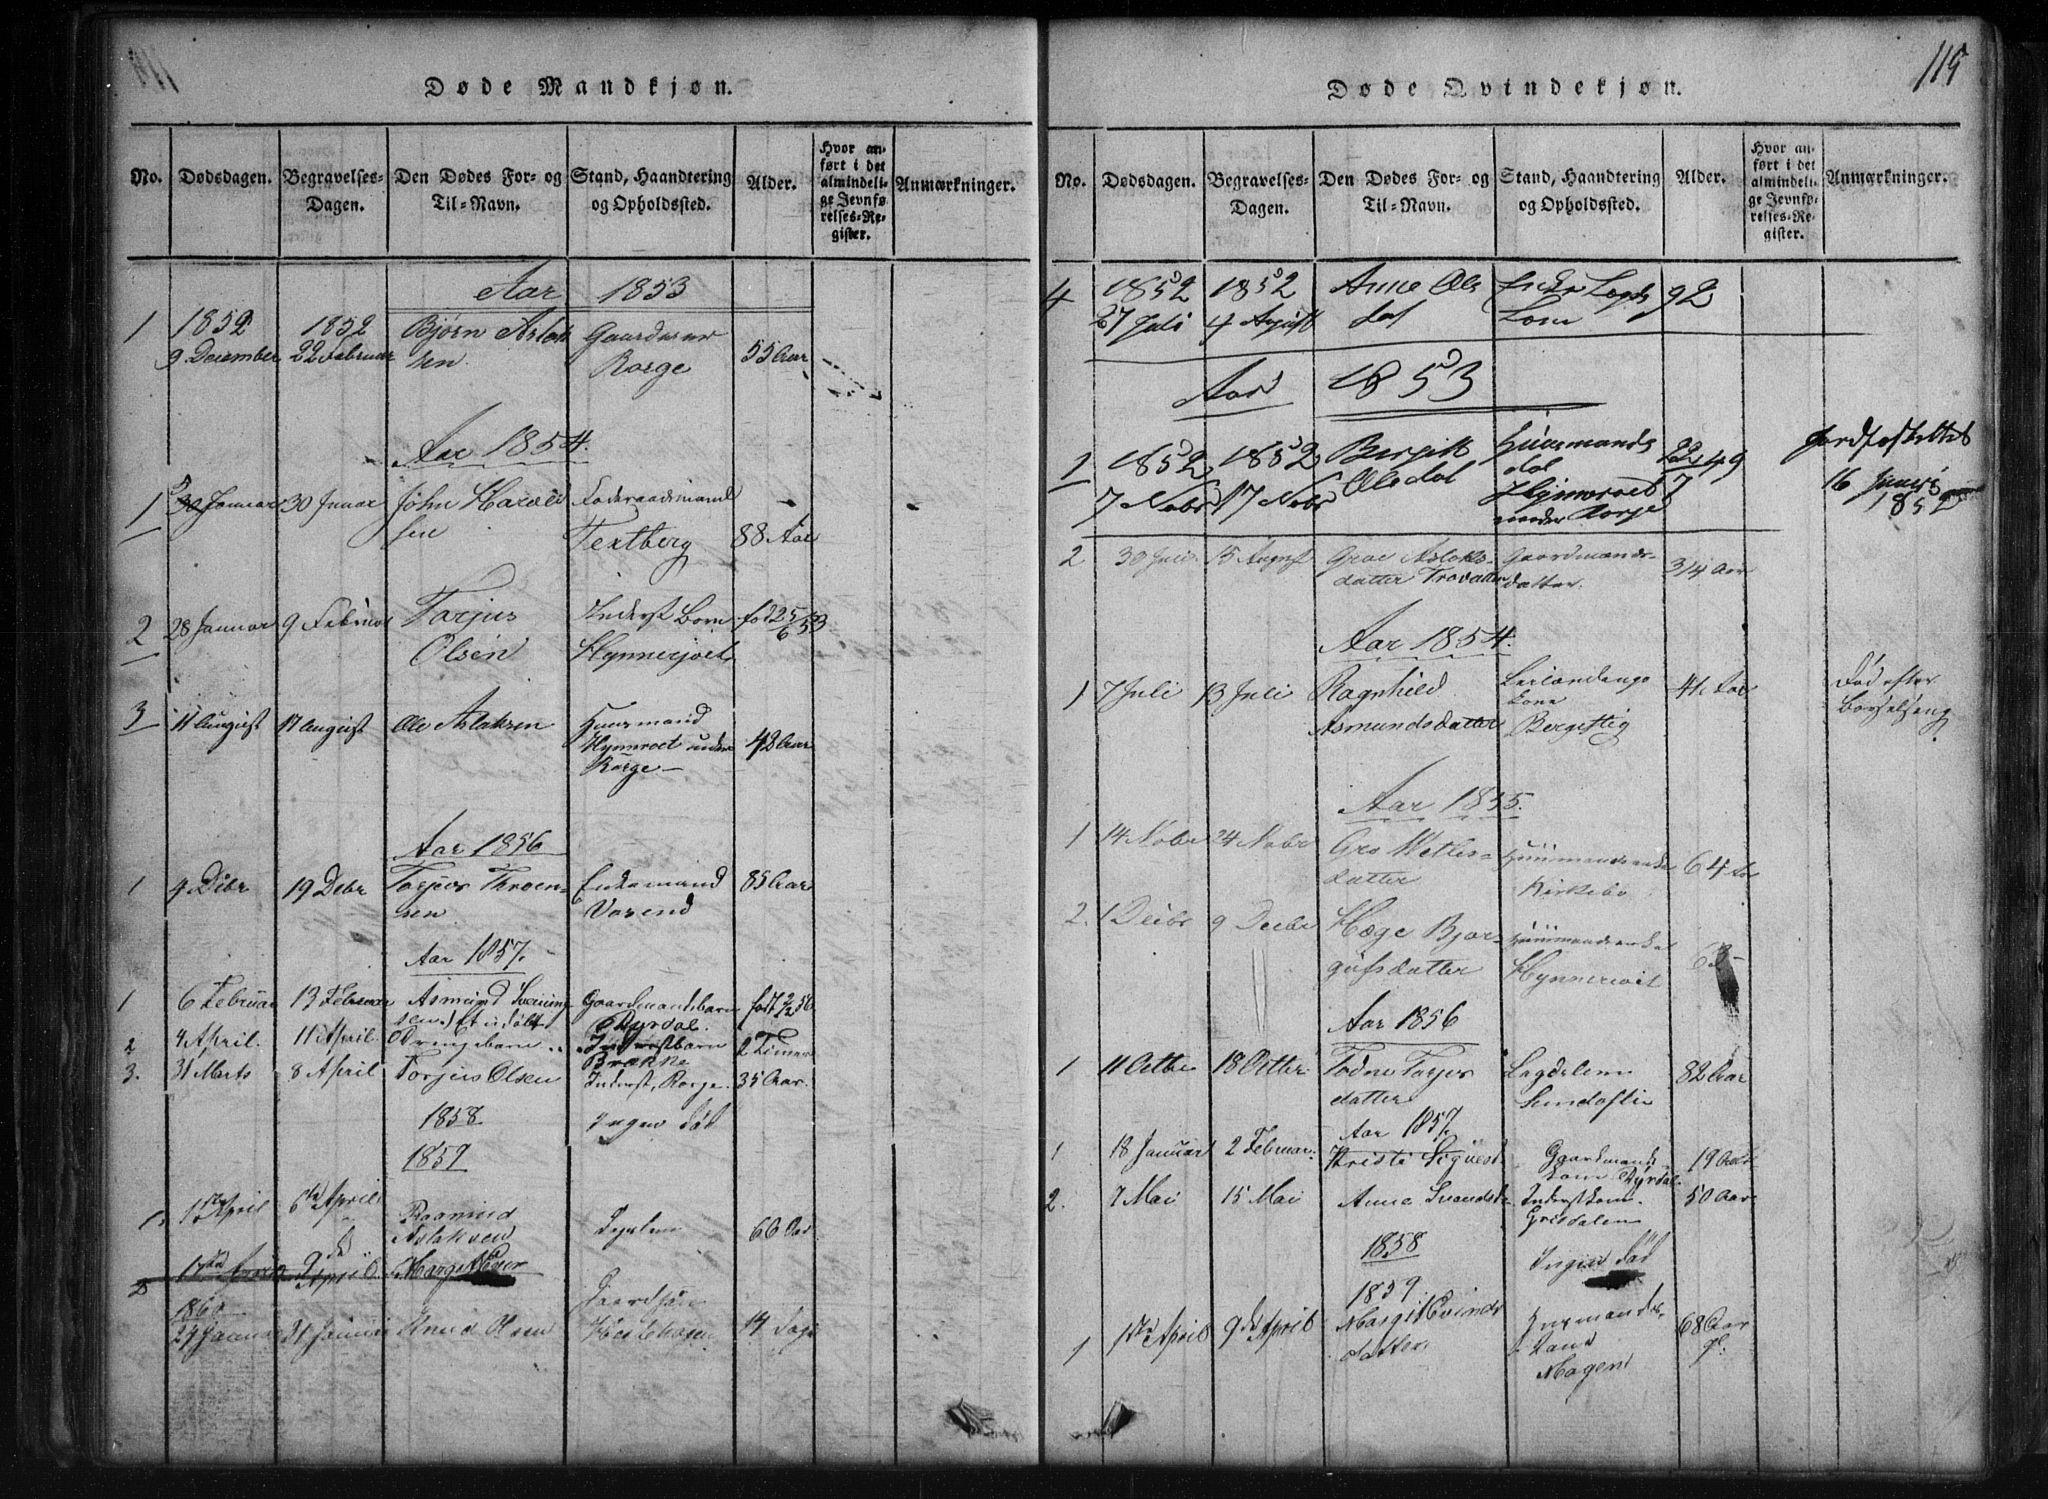 SAKO, Rauland kirkebøker, G/Gb/L0001: Klokkerbok nr. II 1, 1815-1886, s. 115